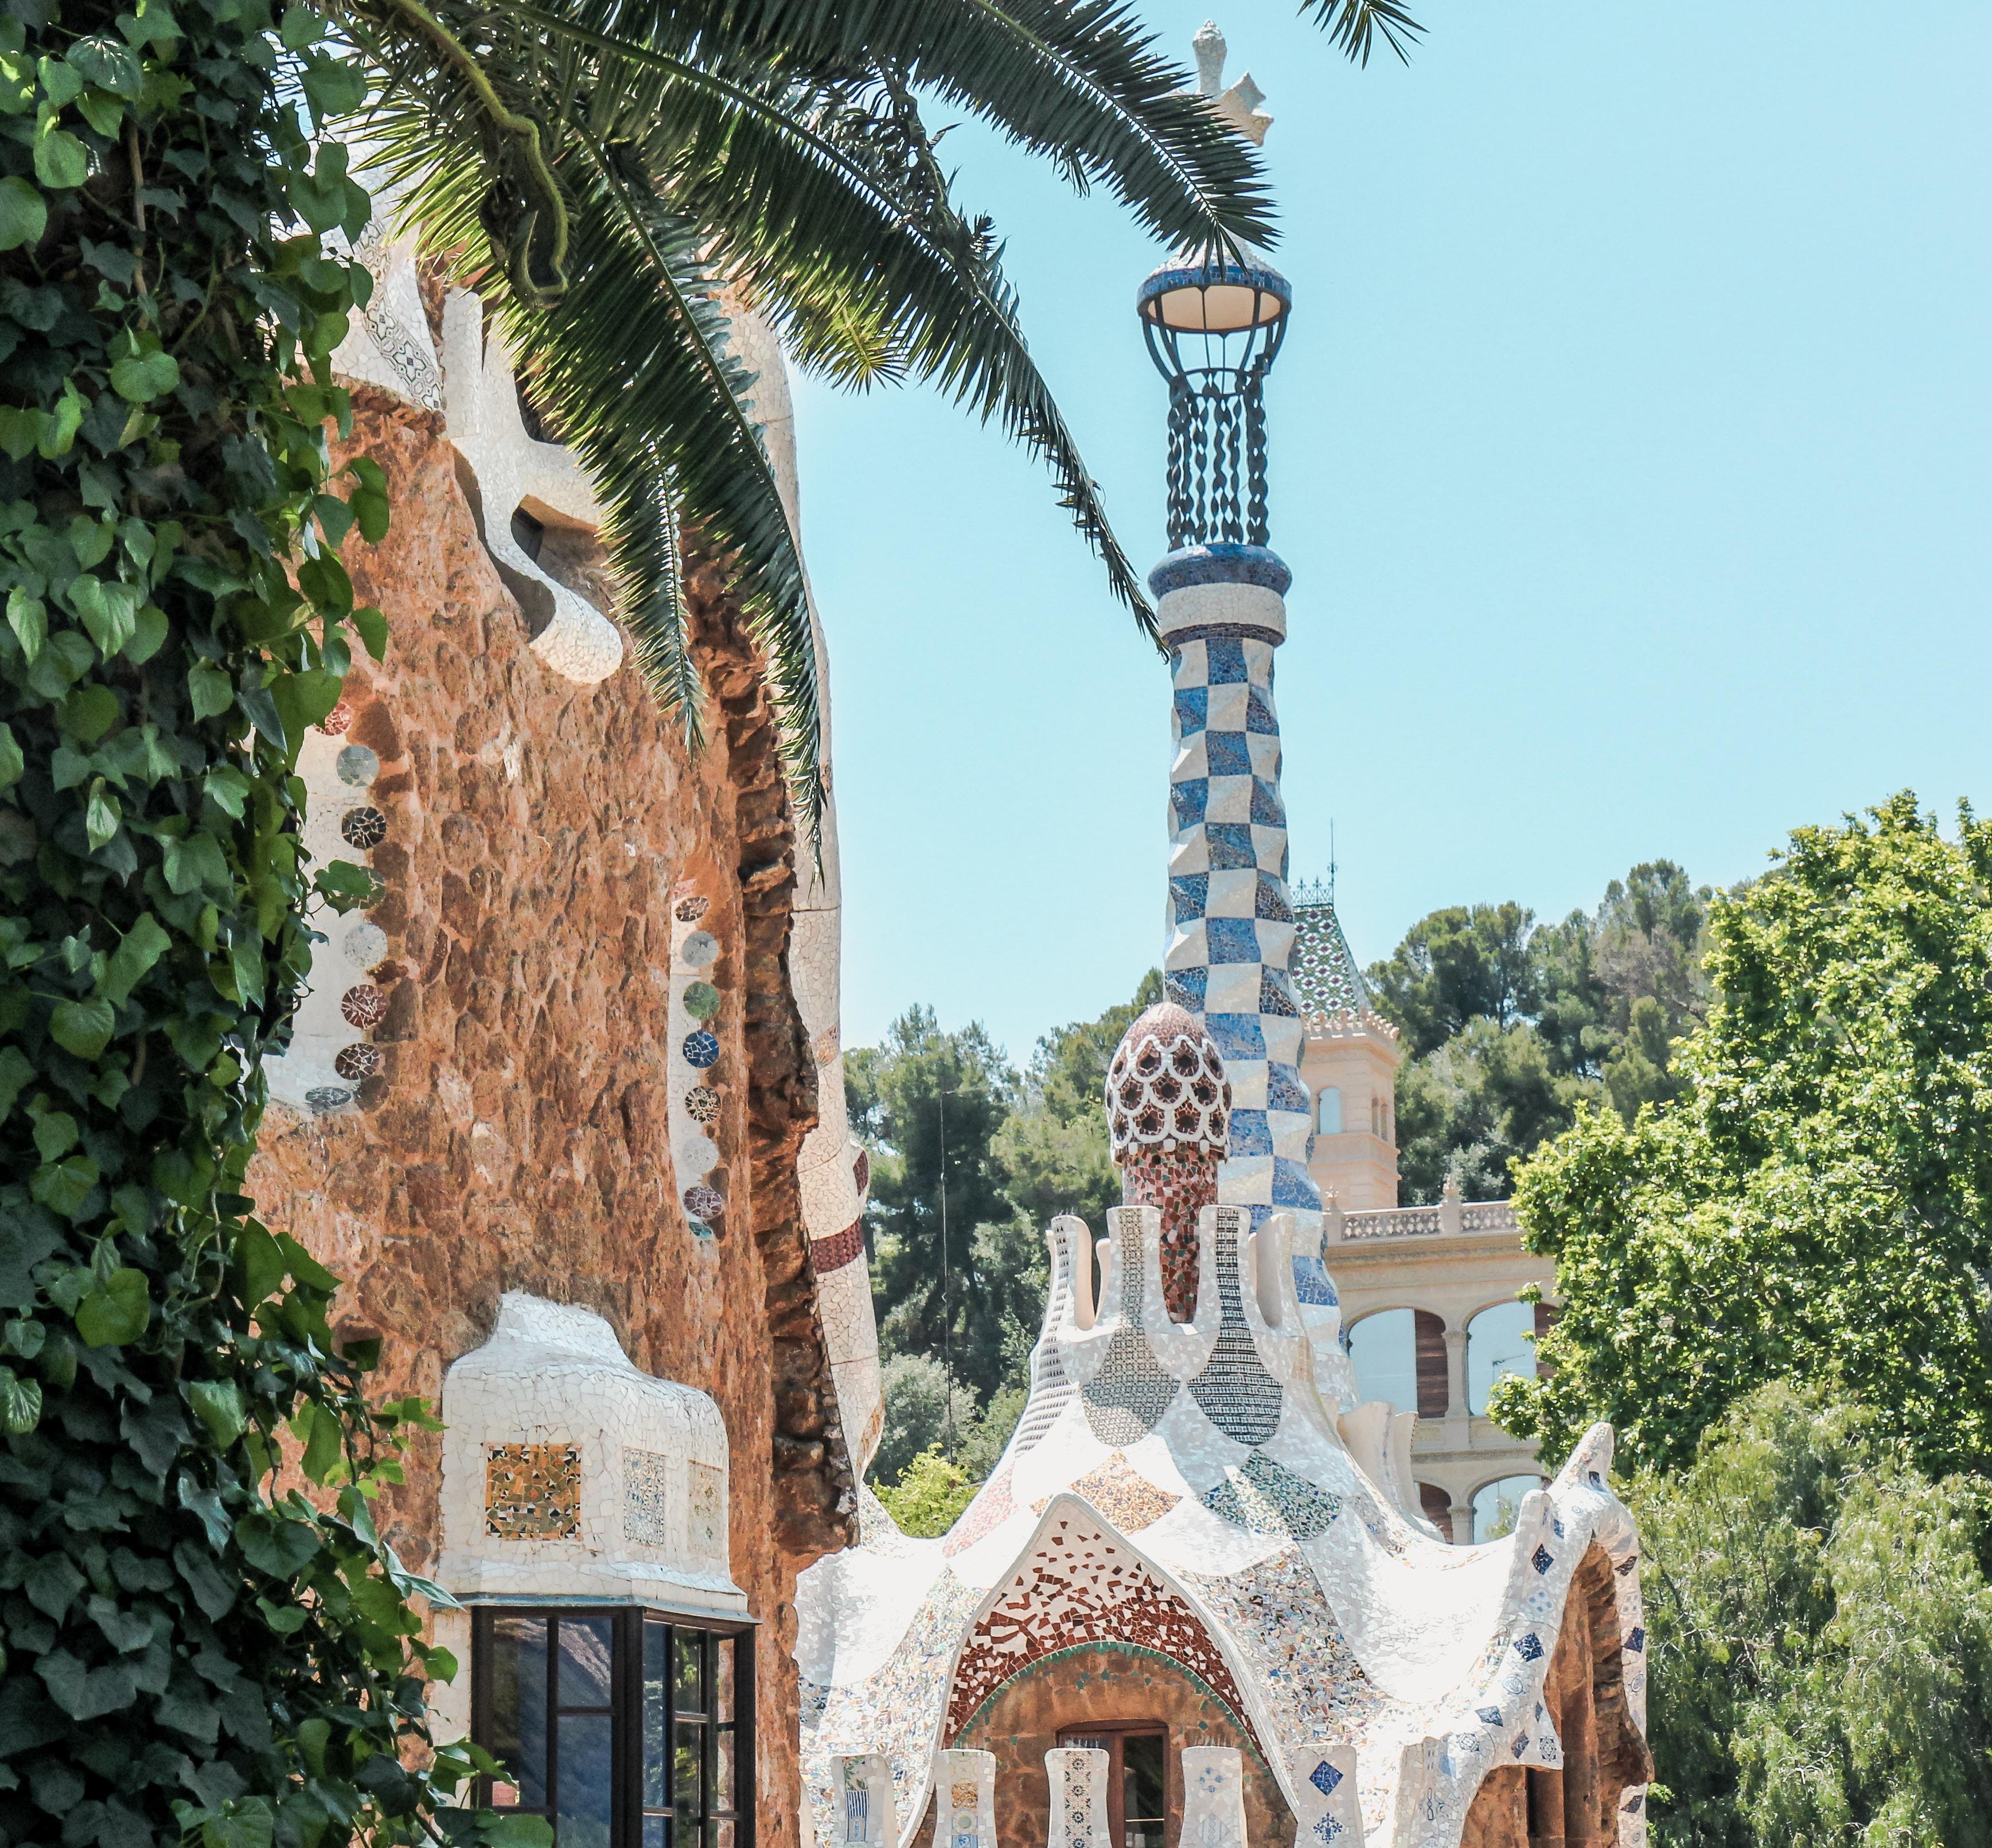 Відвідайте Барселону: чому ви не повинні пропустити це чудове місто, частина 2